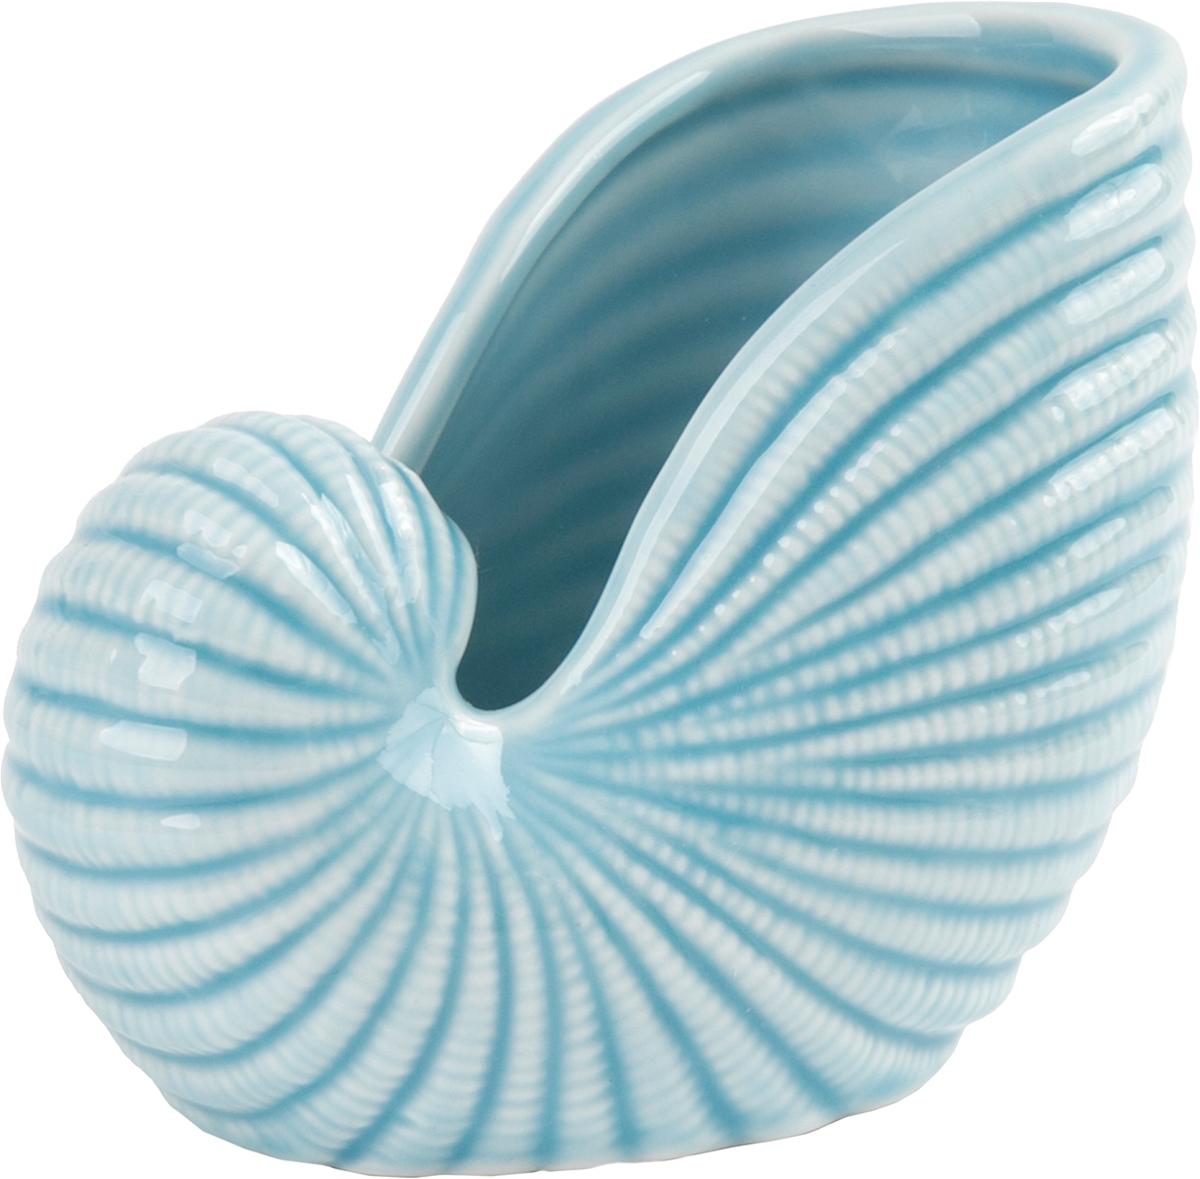 Тарелка декоративная Magic Home, цвет: голубой, 10,7 х 6,8 х 8,5 см76609Декоративная тарелочка из фарфора от Magic Home - это это прекрасный вариант подарка для ваших друзей и близких. Оригинальная и стильная тарелочка станет отличным дополнением в интерьере любой комнаты и будет удачно смотреться и радовать глаз.